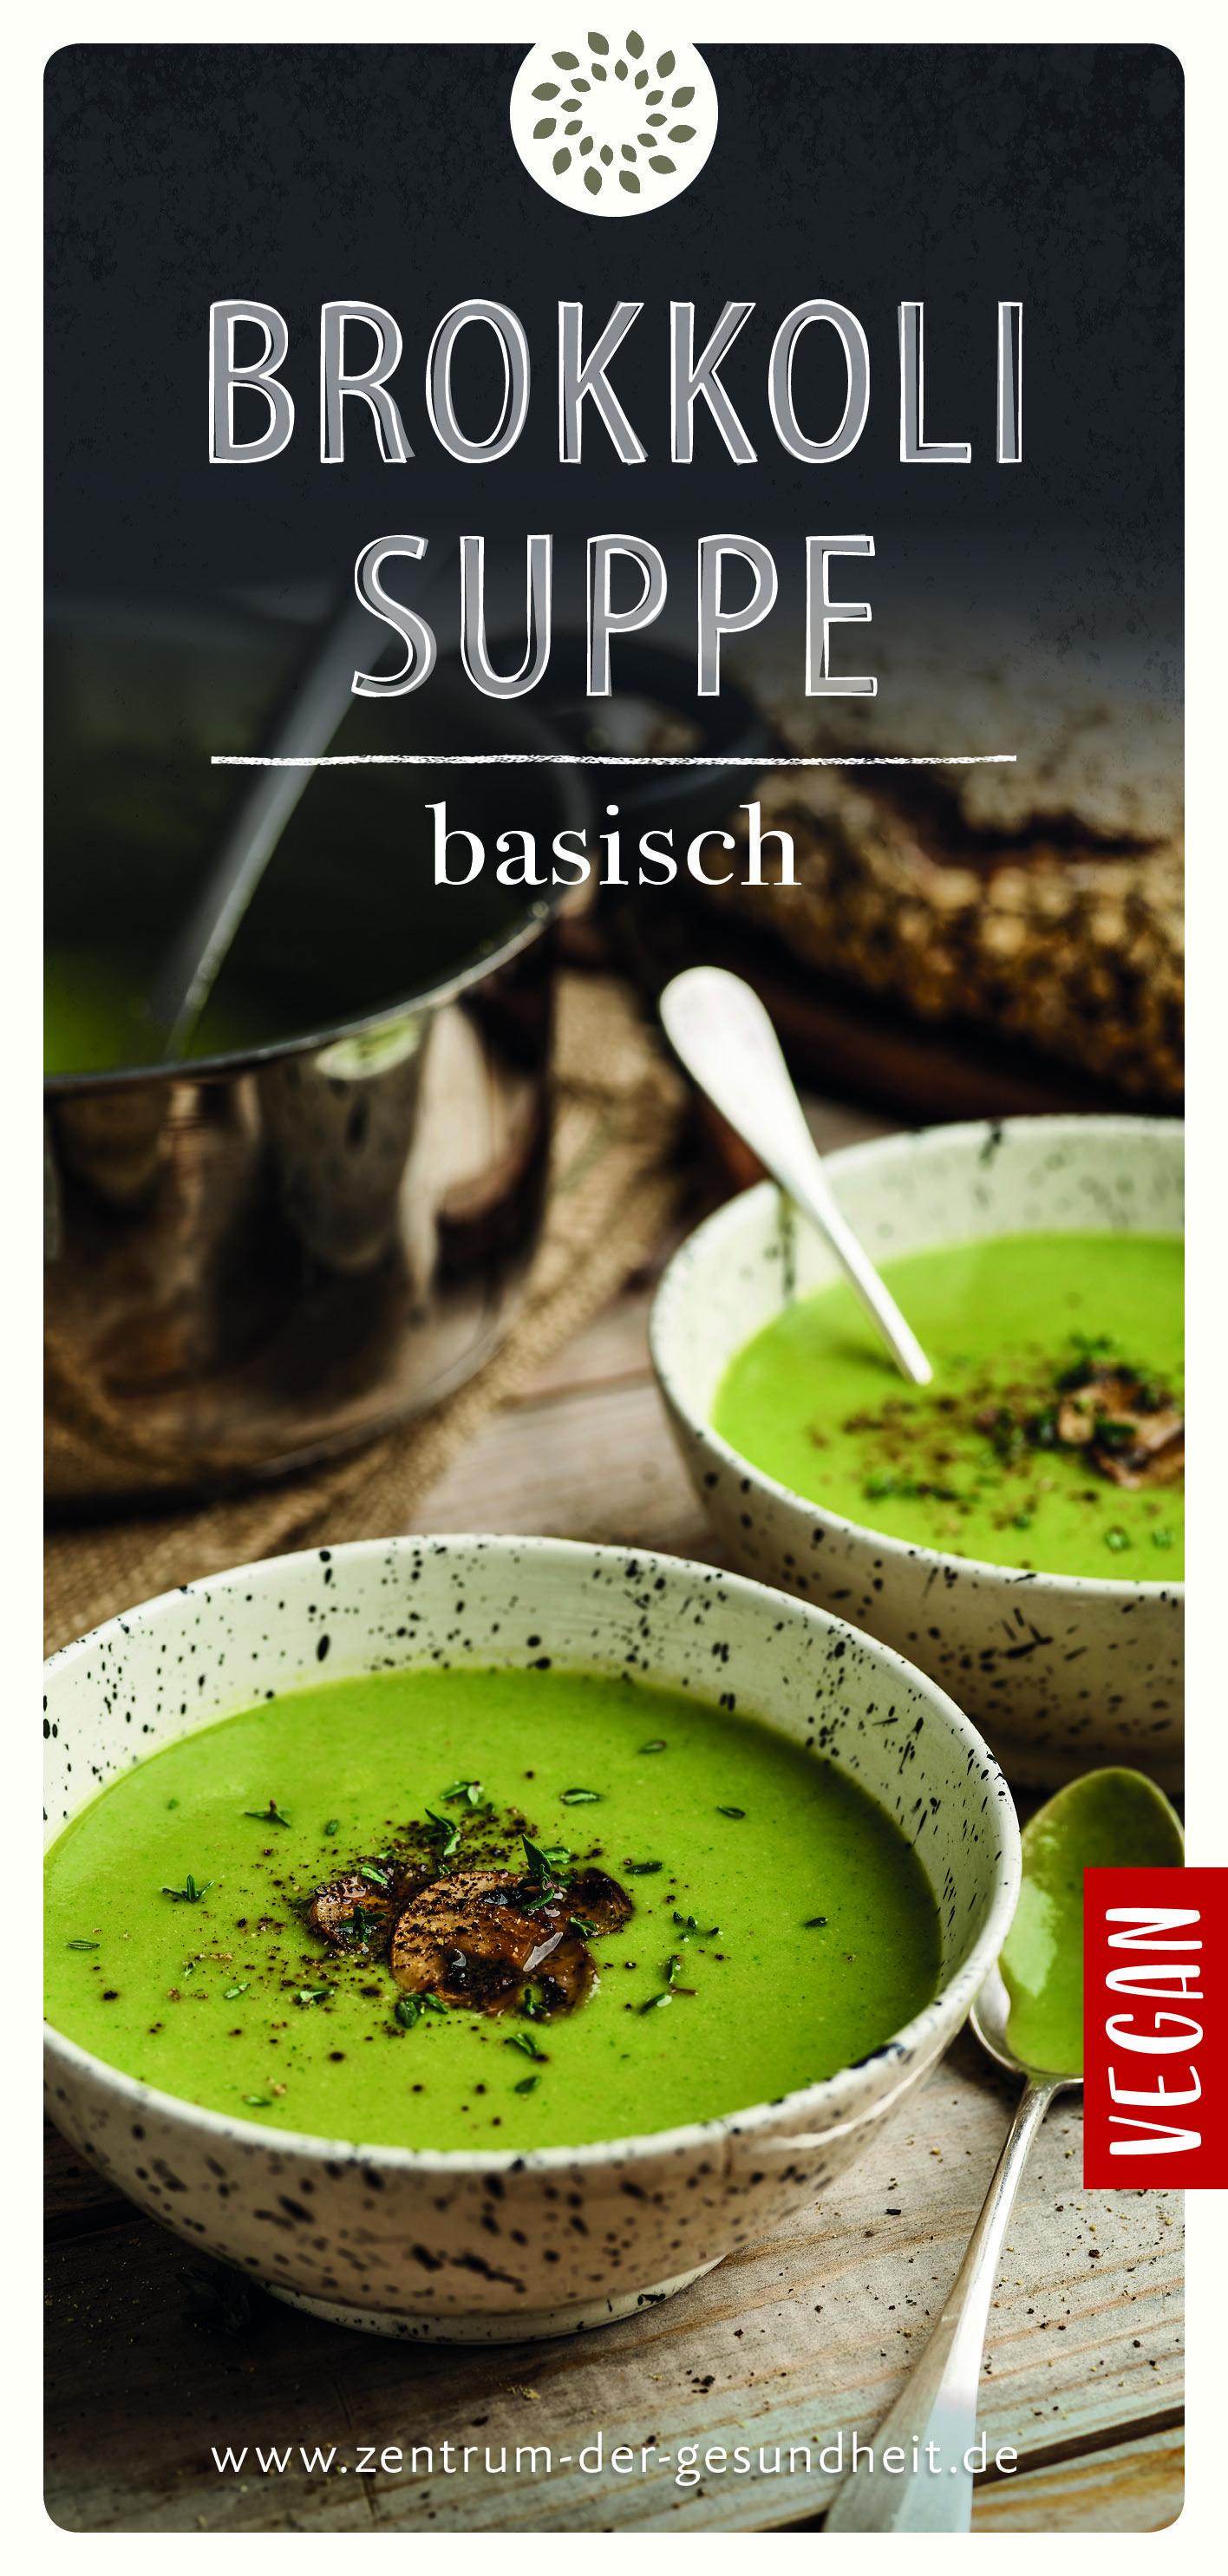 Brokkolisuppe – basisch